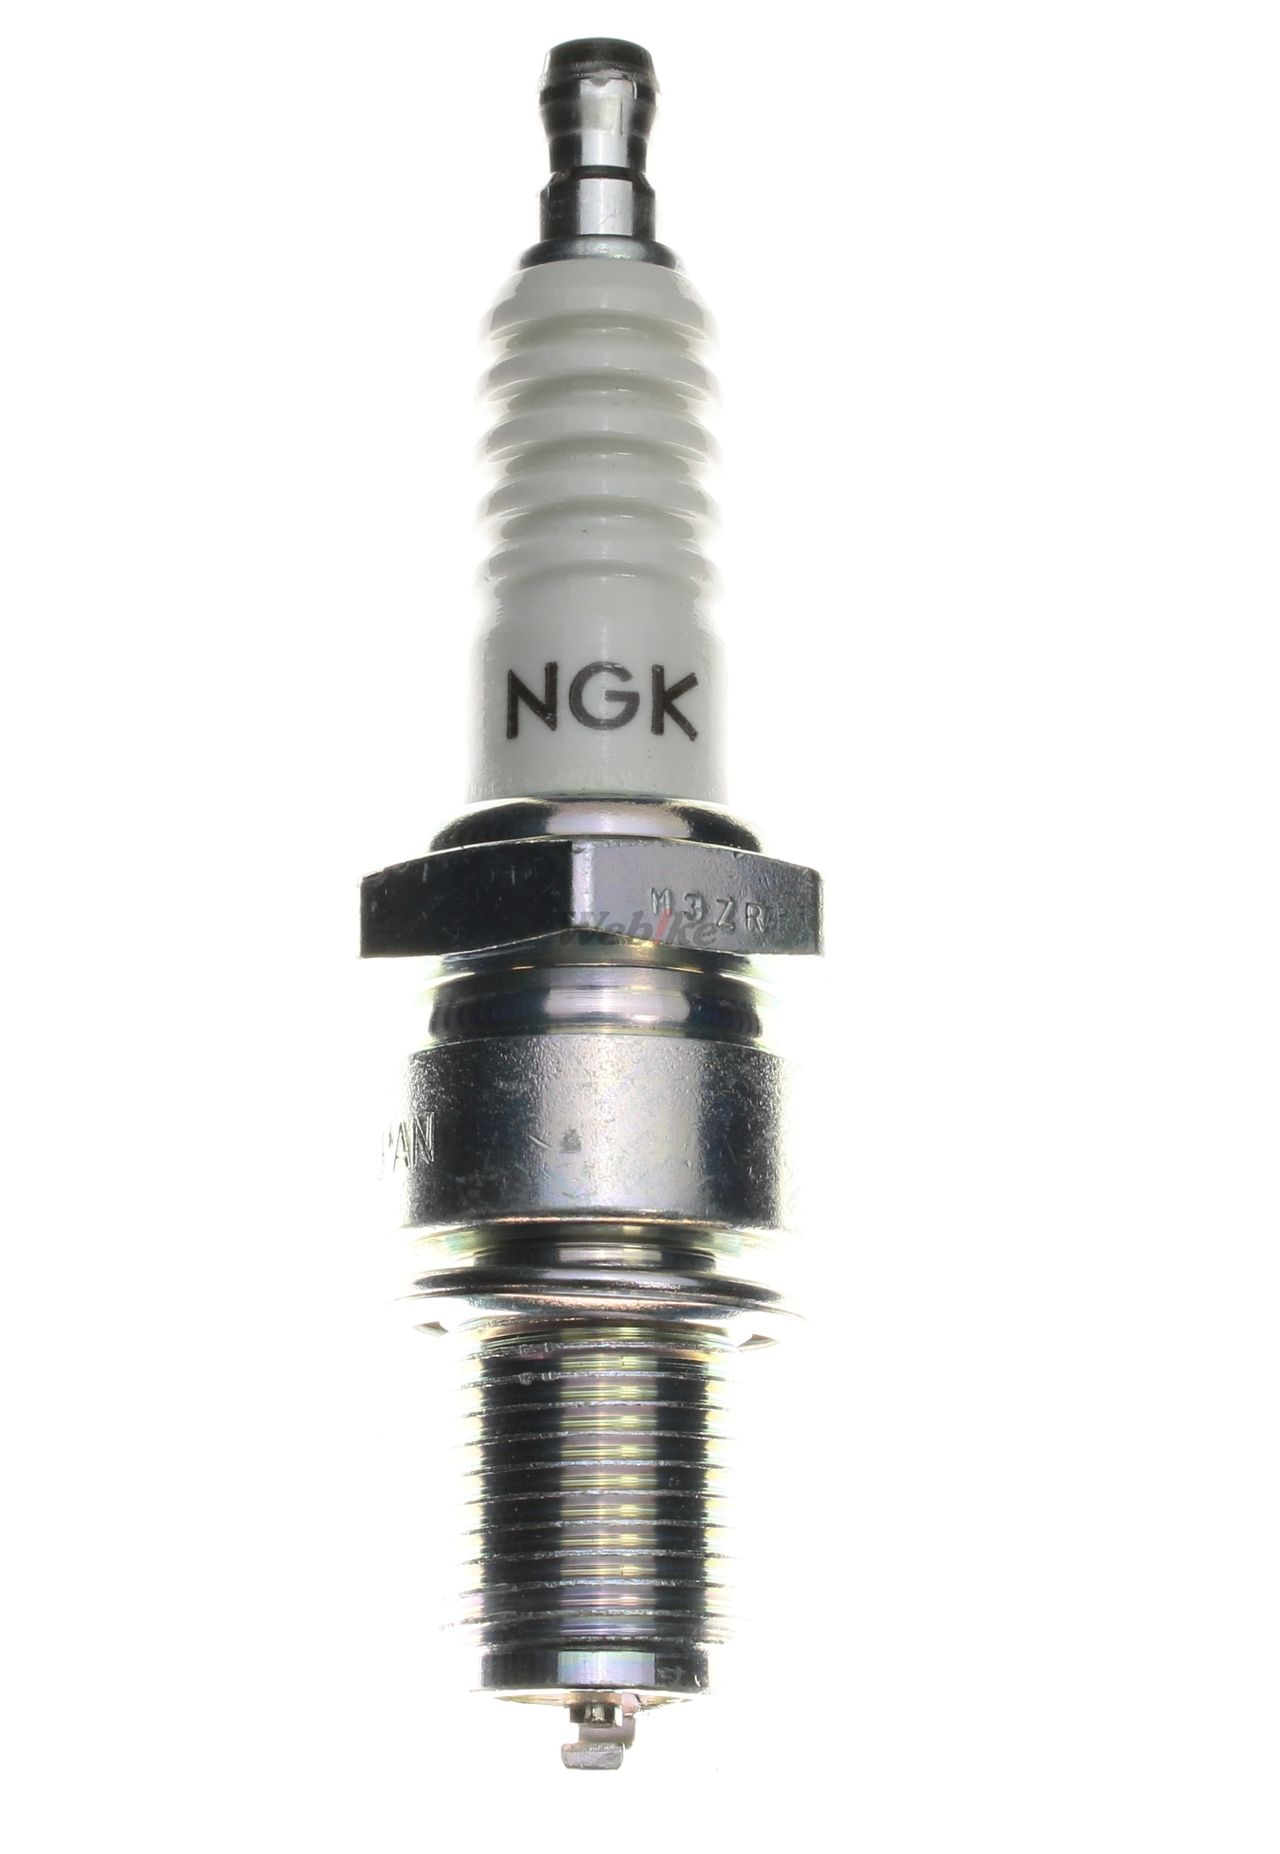 【NGK】標準型 火星塞 B4ES 4129 - 「Webike-摩托百貨」